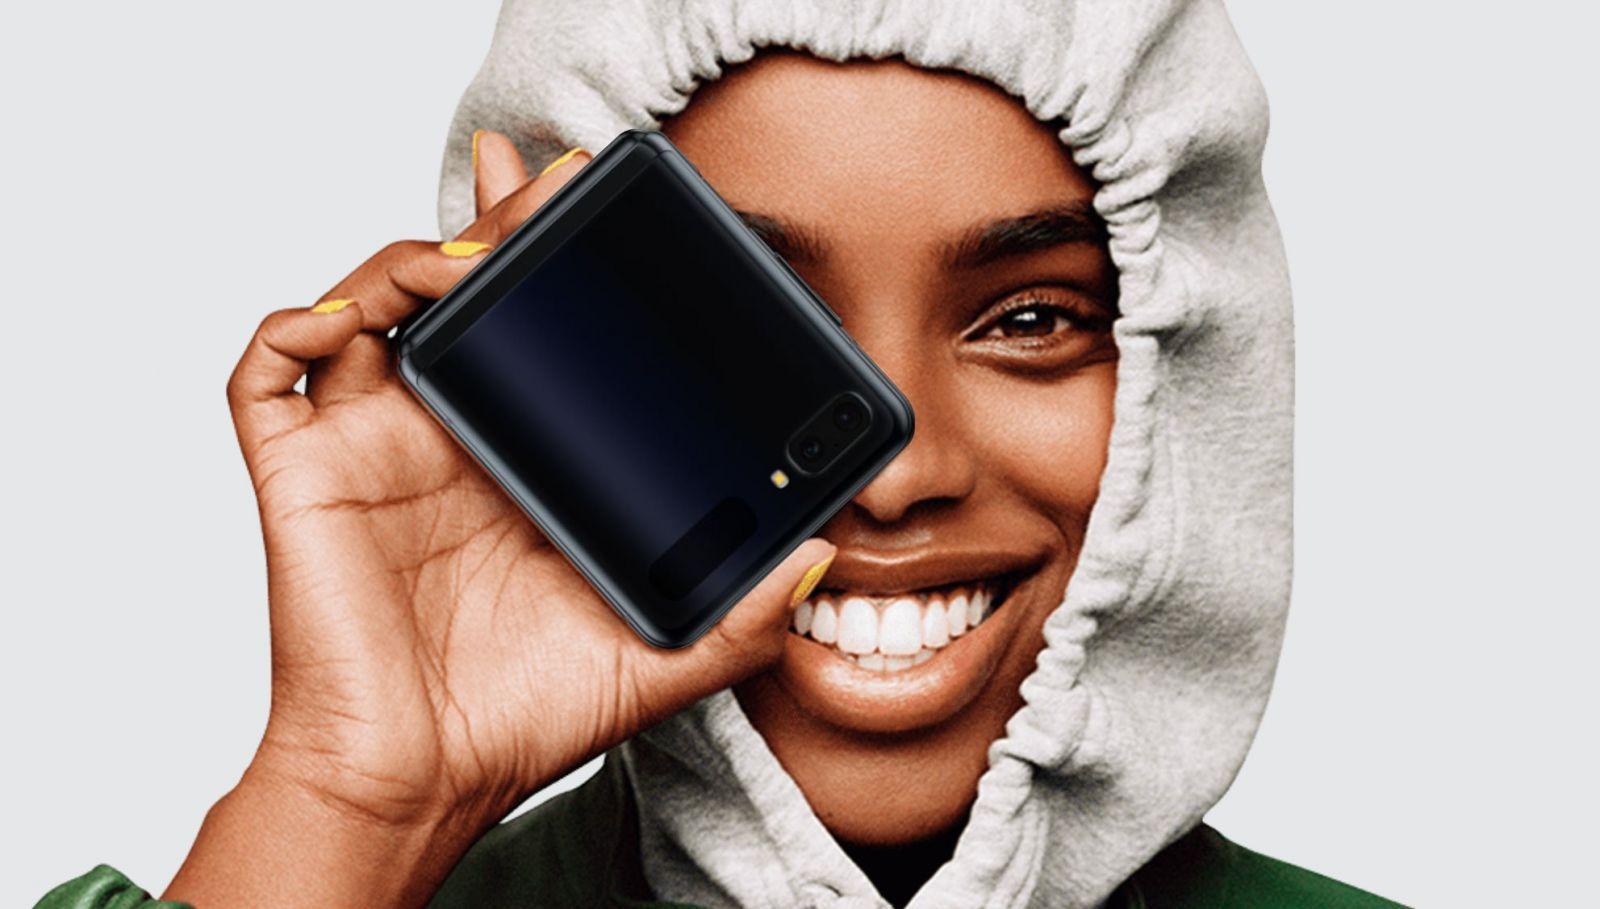 Samsung Galaxy Z Flip с поддержкой 5G выйдет во второй половине 2020 года